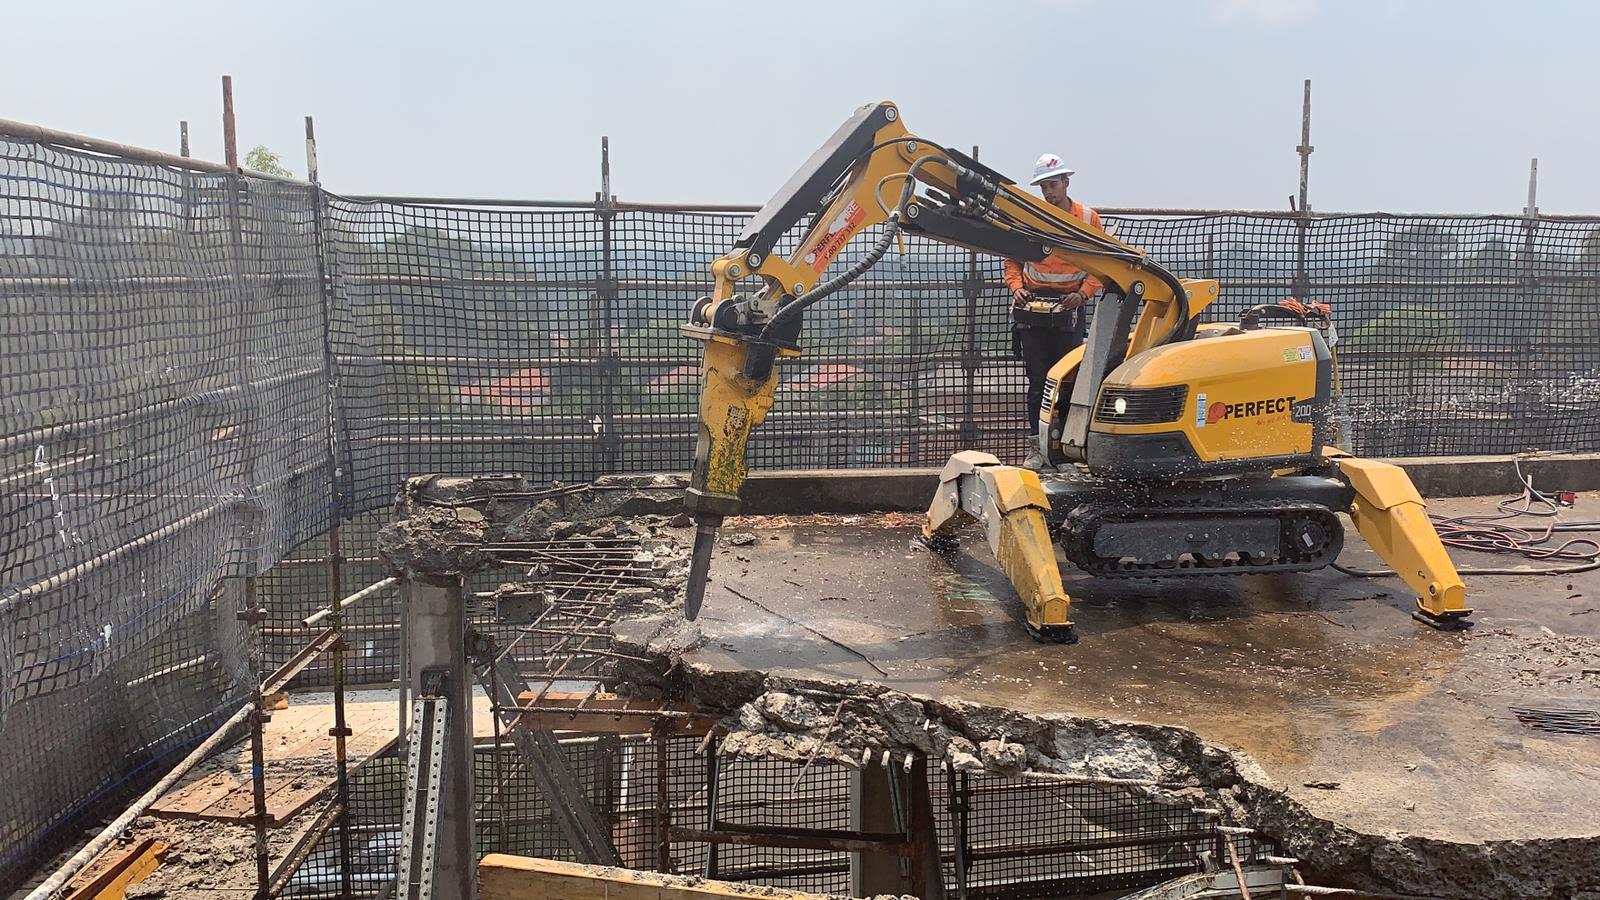 Structural slab demolition by Brokk 200 – Belmore